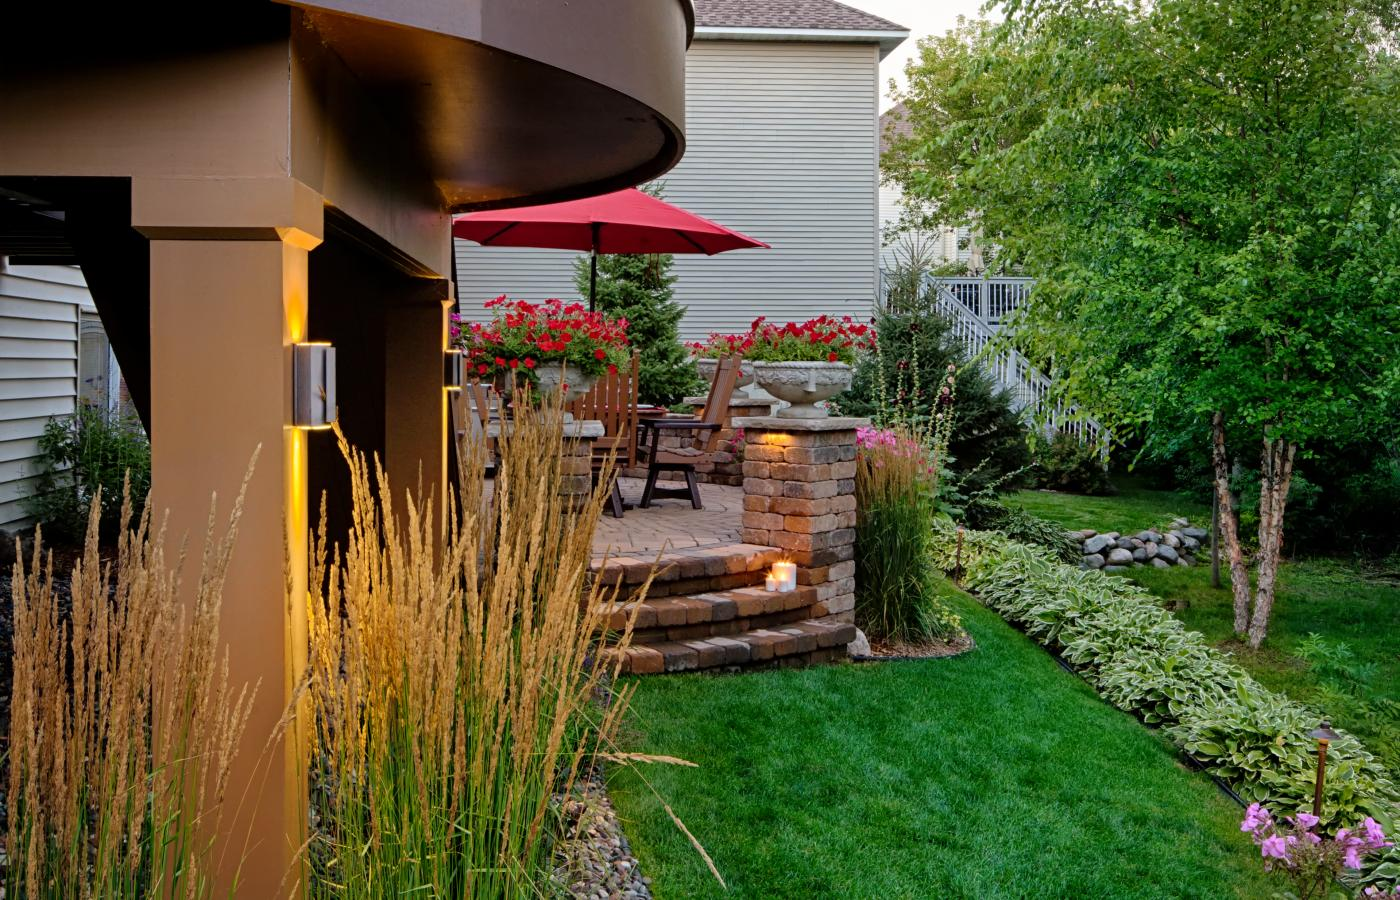 Backyard Oasis - 3